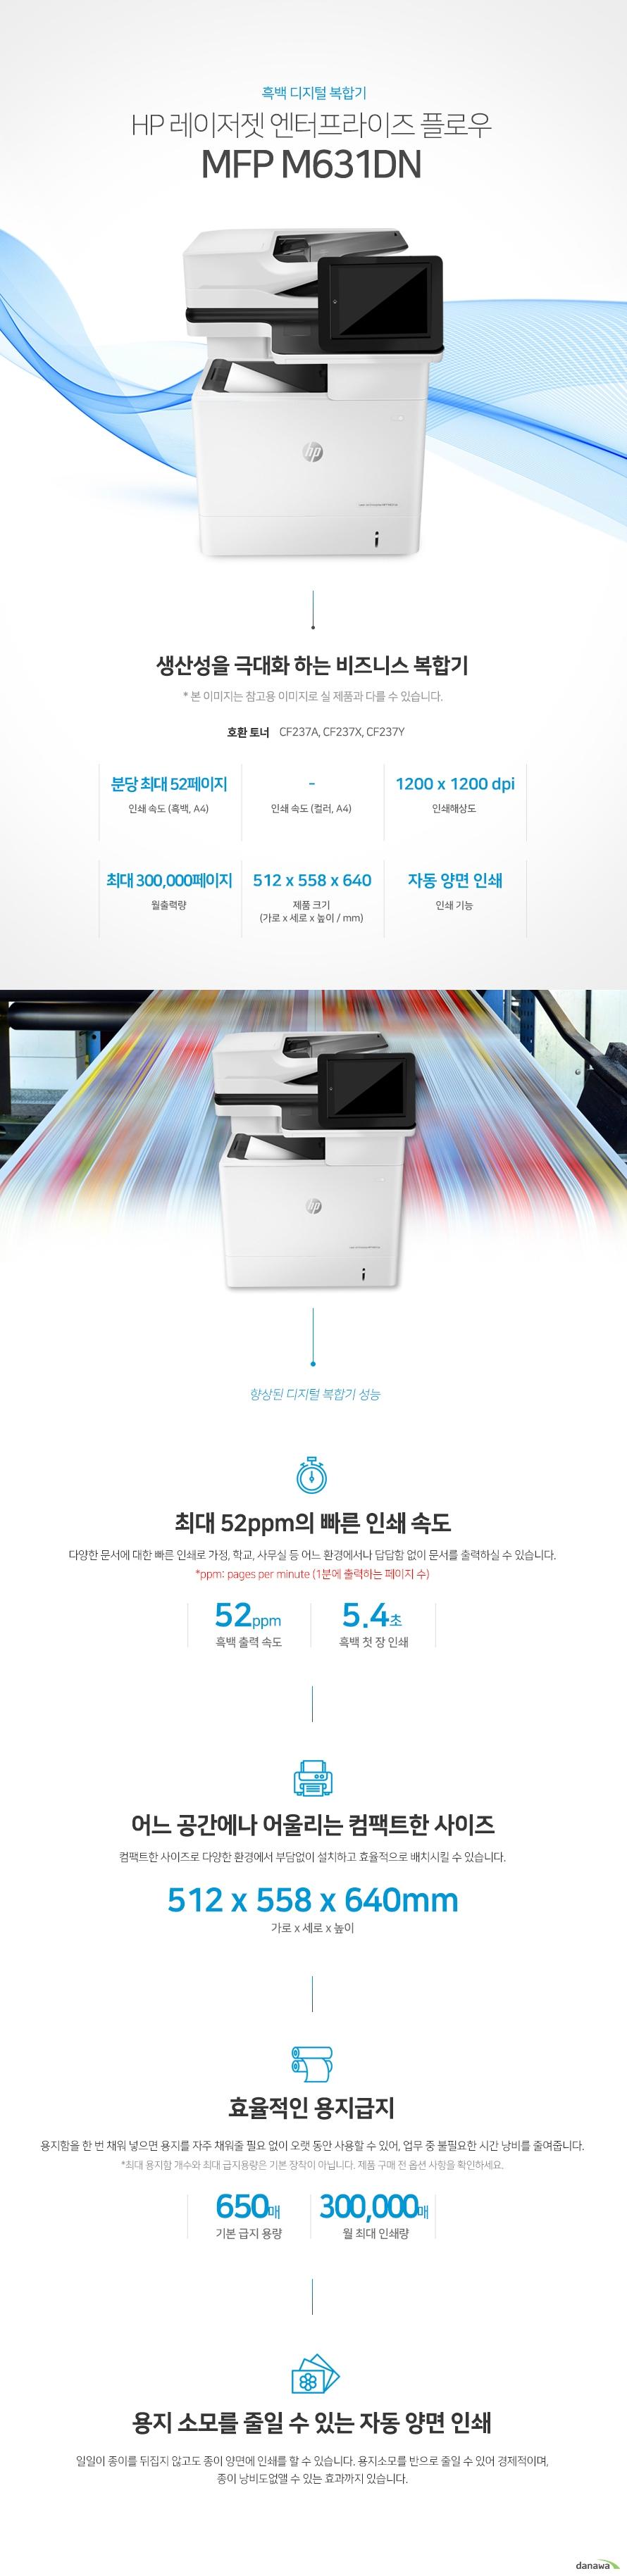 흑백 디지털 복합기 HP 레이저젯 엔터프라이즈 플로우 MFP M631dn  생산성을 극대화 하는 비즈니스 복합기 * 본 이미지는 참고용 이미지로 실 제품과 다를 수 있습니다. 호환 토너 CF237A, CF237X, CF237Y    인쇄속도 (흑백,A4) 분당 최대  52페이지 / 인쇄해상도 1200 x 1200 dpi / 월출력량 최대 300,000페이지 / 제품 크기 (가로 x 세로 x 높이 / mm) 512 x 558 x 640 / 인쇄 기능 자동 양면 인쇄  향상된 디지털 복합기 성능 최대 52ppm의 빠른 인쇄 속도 다양한 문서에 대한 빠른 인쇄로 가정, 학교, 사무실 등 어느 환경에서나 답답함 없이 문서를 출력하실 수 있습니다. *ppm: pages per minute (1분에 출력하는 페이지 수) 흑백 출력속도 52ppm / 흑백 첫장 인쇄 5.4초   어느 공간에나 어울리는 컴팩트한 사이즈 컴팩트한 사이즈로 다양한 환경에서 부담없이 설치하고 효율적으로 배치시킬 수 있습니다. 512 x 558 x 640mm 가로 x 세로 x 높이   효율적인 용지급지 용지함을 한 번 채워 넣으면 용지를 자주 채워줄 필요 없이 오랫 동안 사용할 수 있어, 업무 중 불필요한 시간 낭비를 줄여줍니다.  *최대 용지함 개수와 최대 급지용량은 기본 장착이 아닙니다. 제품 구매 전 옵션 사항을 확인하세요. 기본 급지 용량 650매 / 월 최대 인쇄량 300000매  용지 소모를 줄일 수 있는 자동 양면 인쇄 일일이 종이를 뒤집지 않고도 종이 양면에 인쇄를 할 수 있습니다. 용지소모를 반으로 줄일 수 있어 경제적이며, 종이 낭비도없앨 수 있는 효과까지 있습니다.   사무환경에 맞는 인쇄, 복사, 스캔 기능 인쇄, 복사, 스캔 기능을 결합하여 불필요한 시간 절약은 물론, 더욱 효율적인 처리가 가능합니다.   손쉬운 USB연결 PC를 거치지 않고도 USB Port에서 파일을 바로 출력하거나, 스캔시 USB 메모리로 바로 저장하여 손쉽게 이용할 수 있습니다.  유선랜 연결로 편리한 인쇄 프린터와 PC를 유선랜으로 연결하여 사용하는 PC에서 손쉽게 인쇄가 가능합니다.